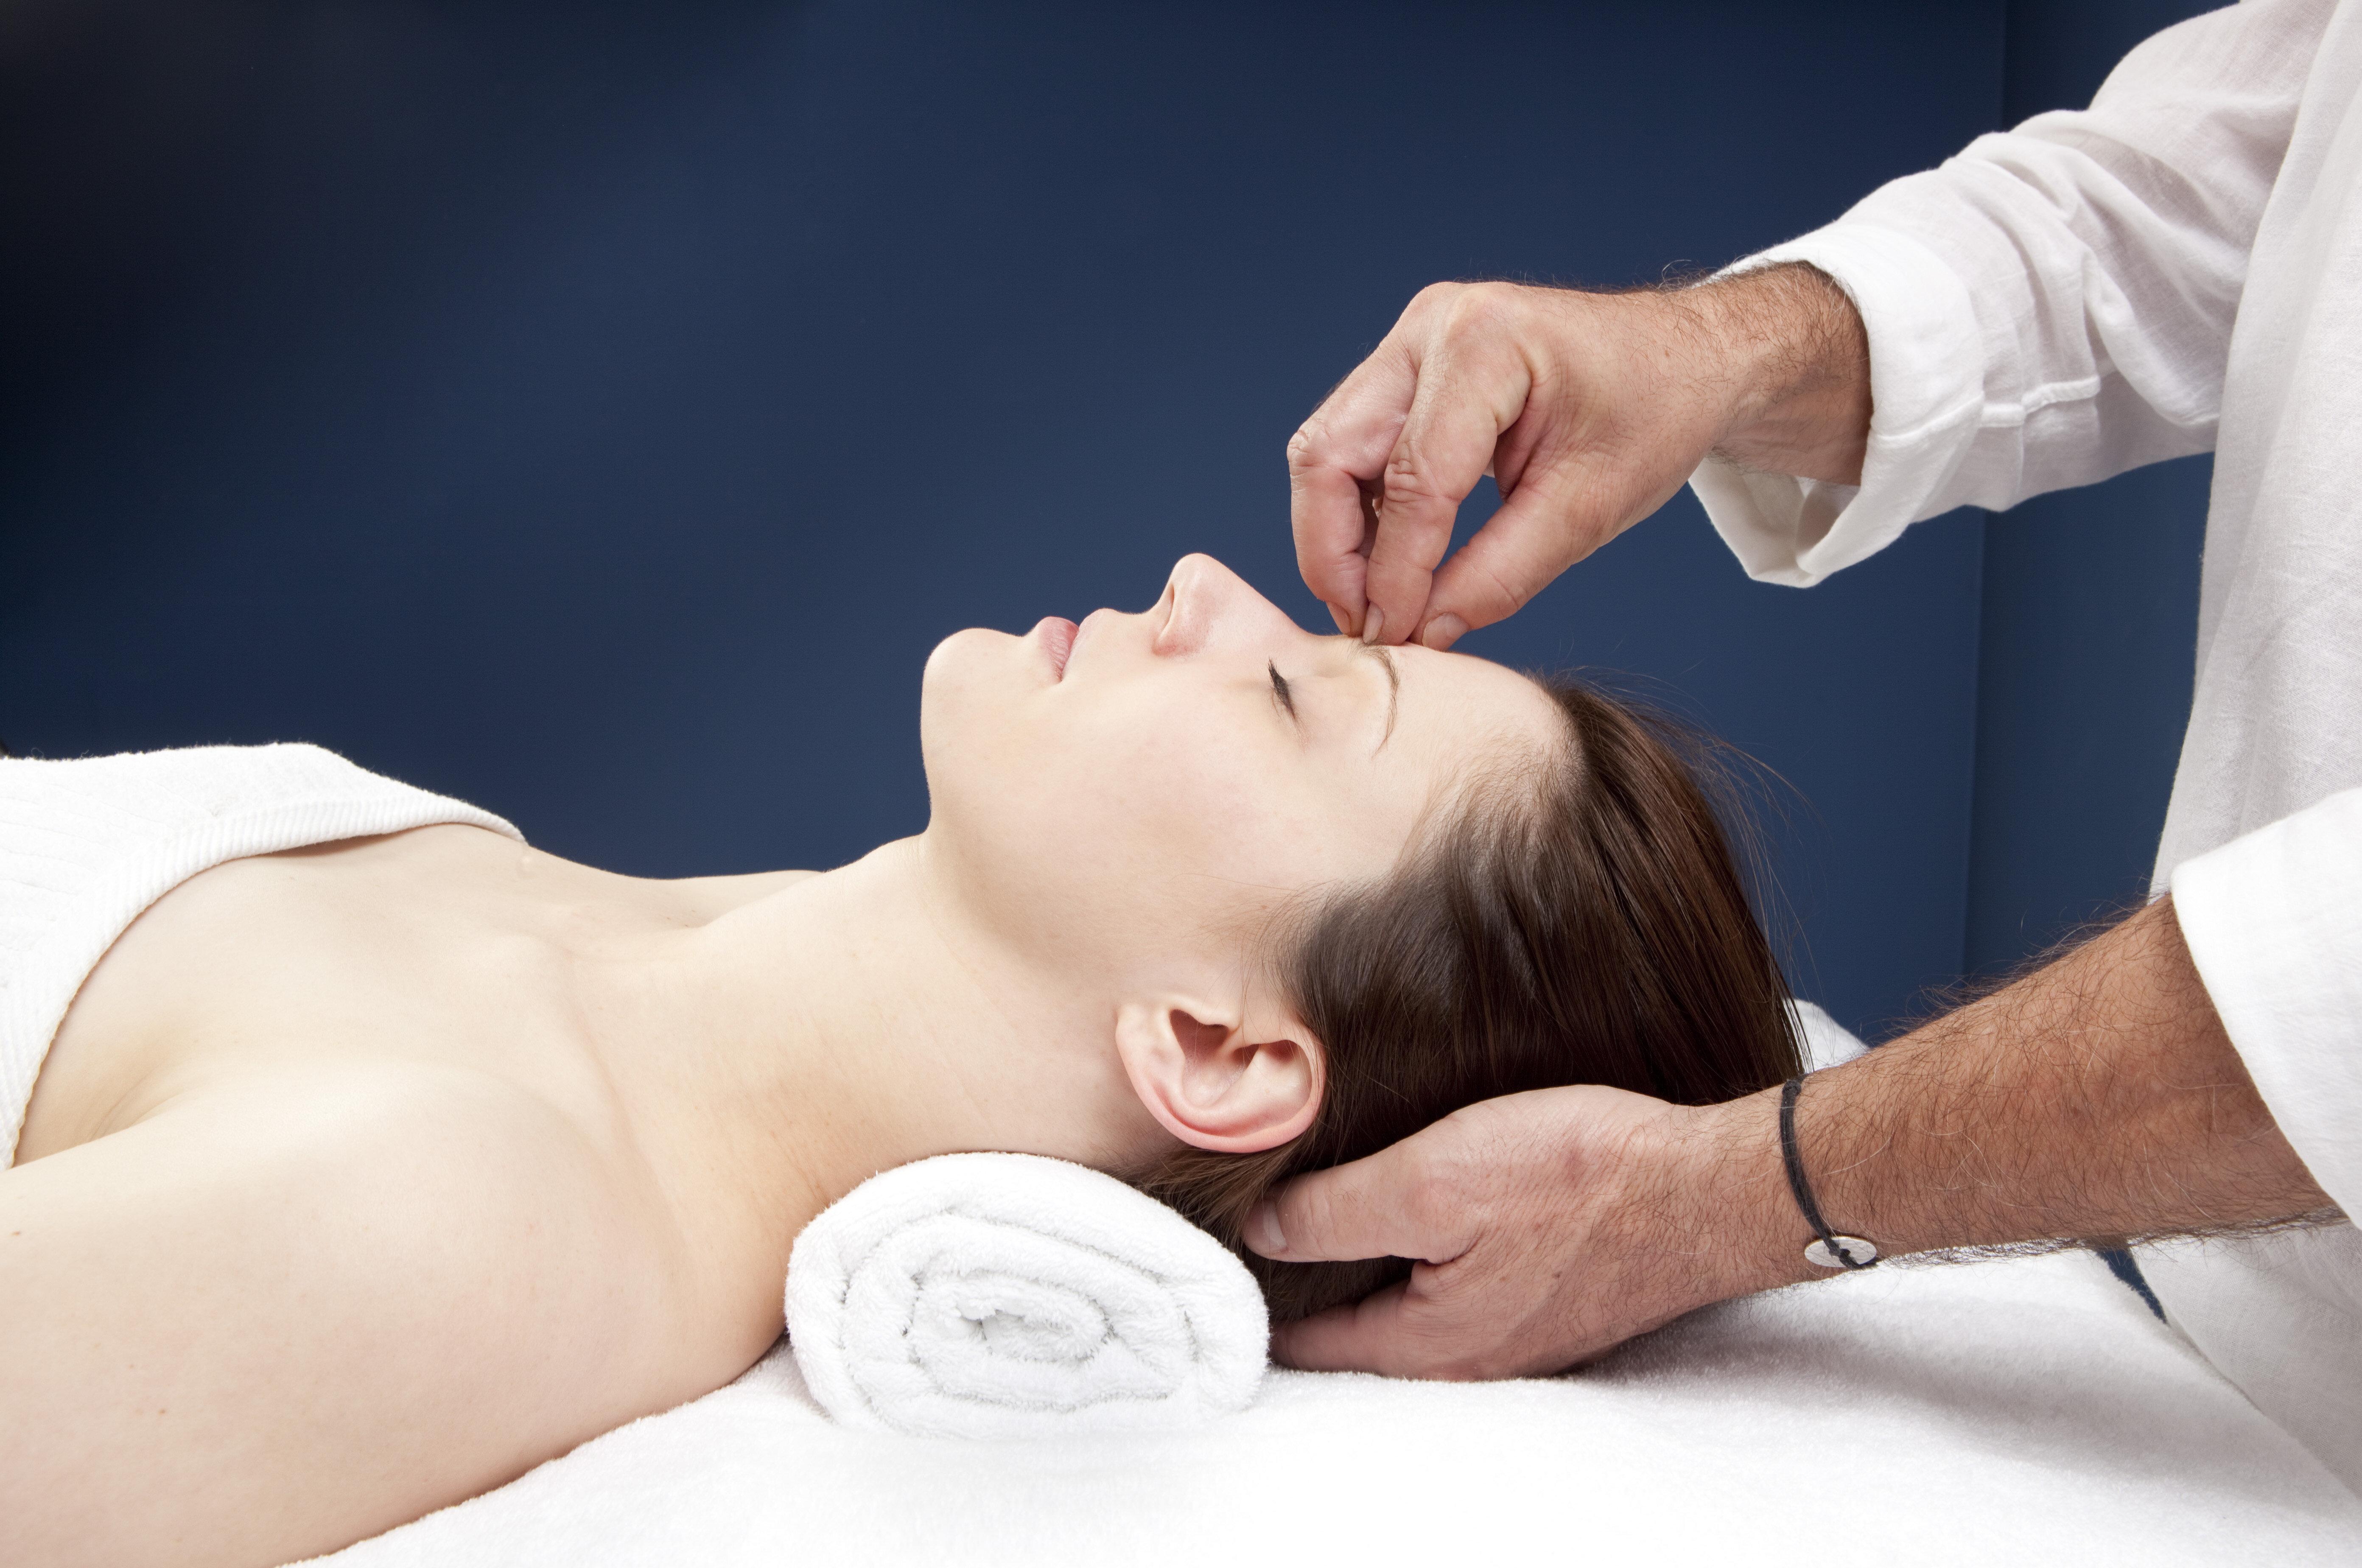 L'hypnose médicale: efficace, mais attention à